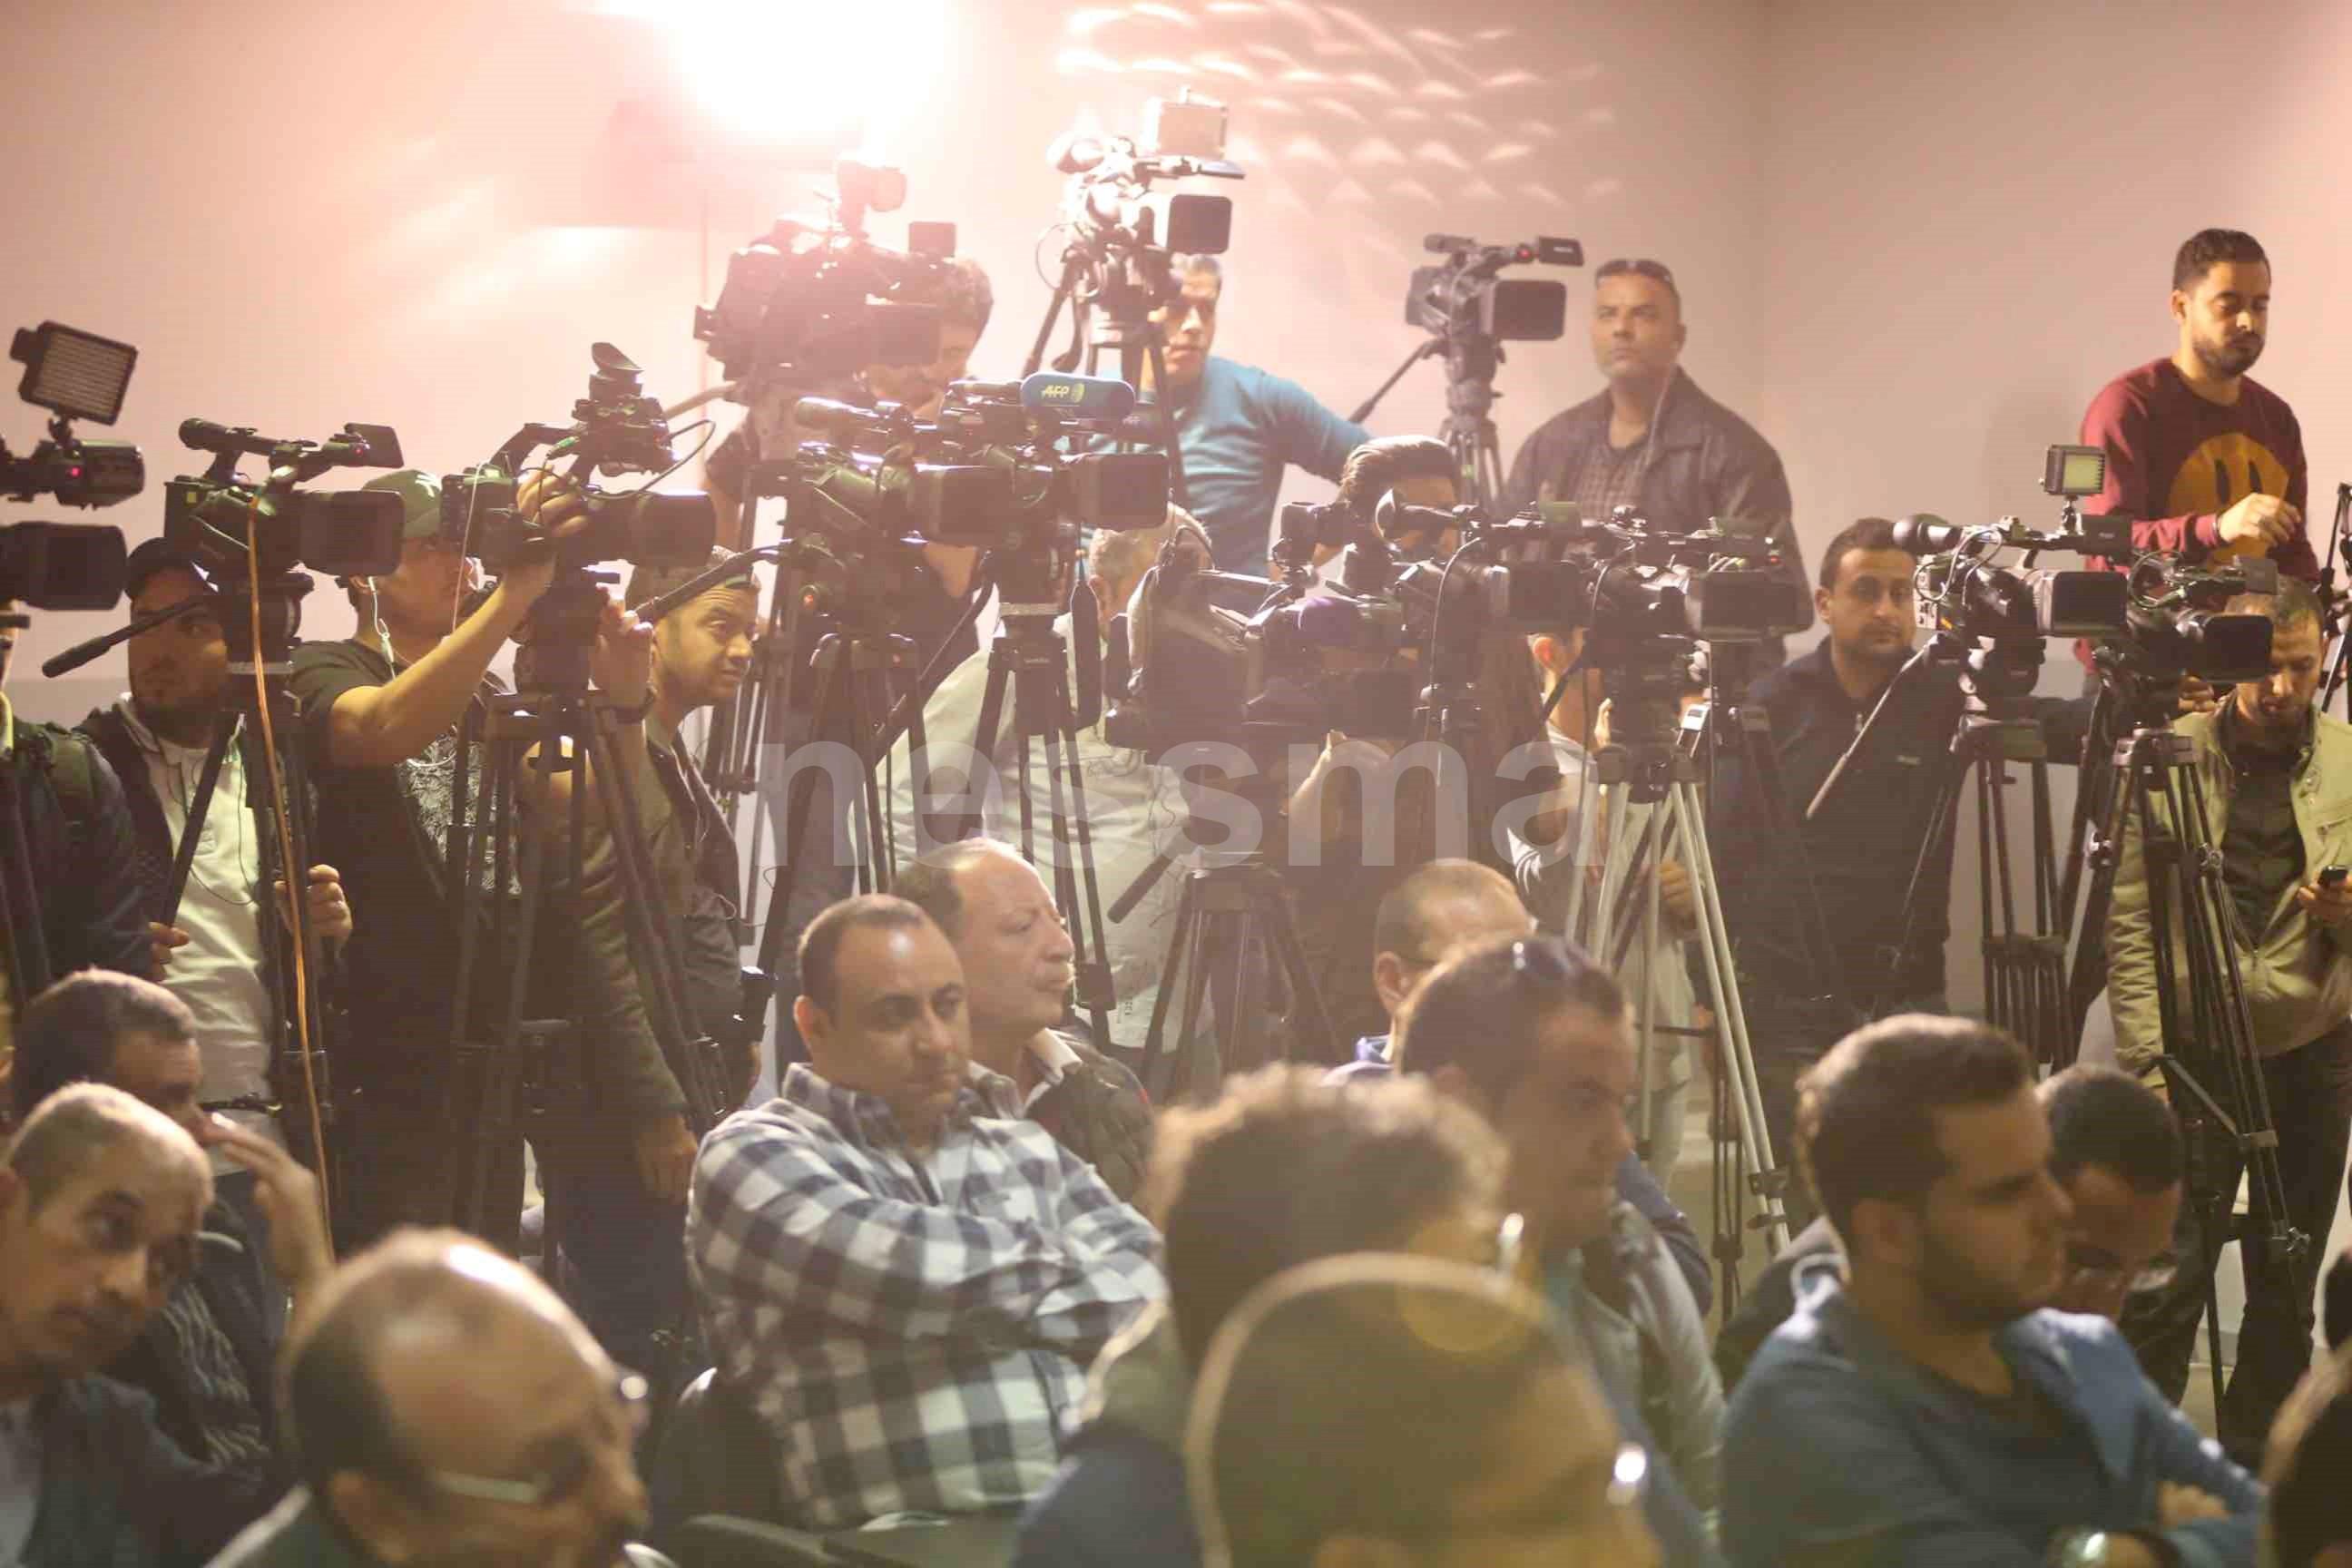 صور من الندوة الصحفية الخاصة بالترجي الرياضي التونسي